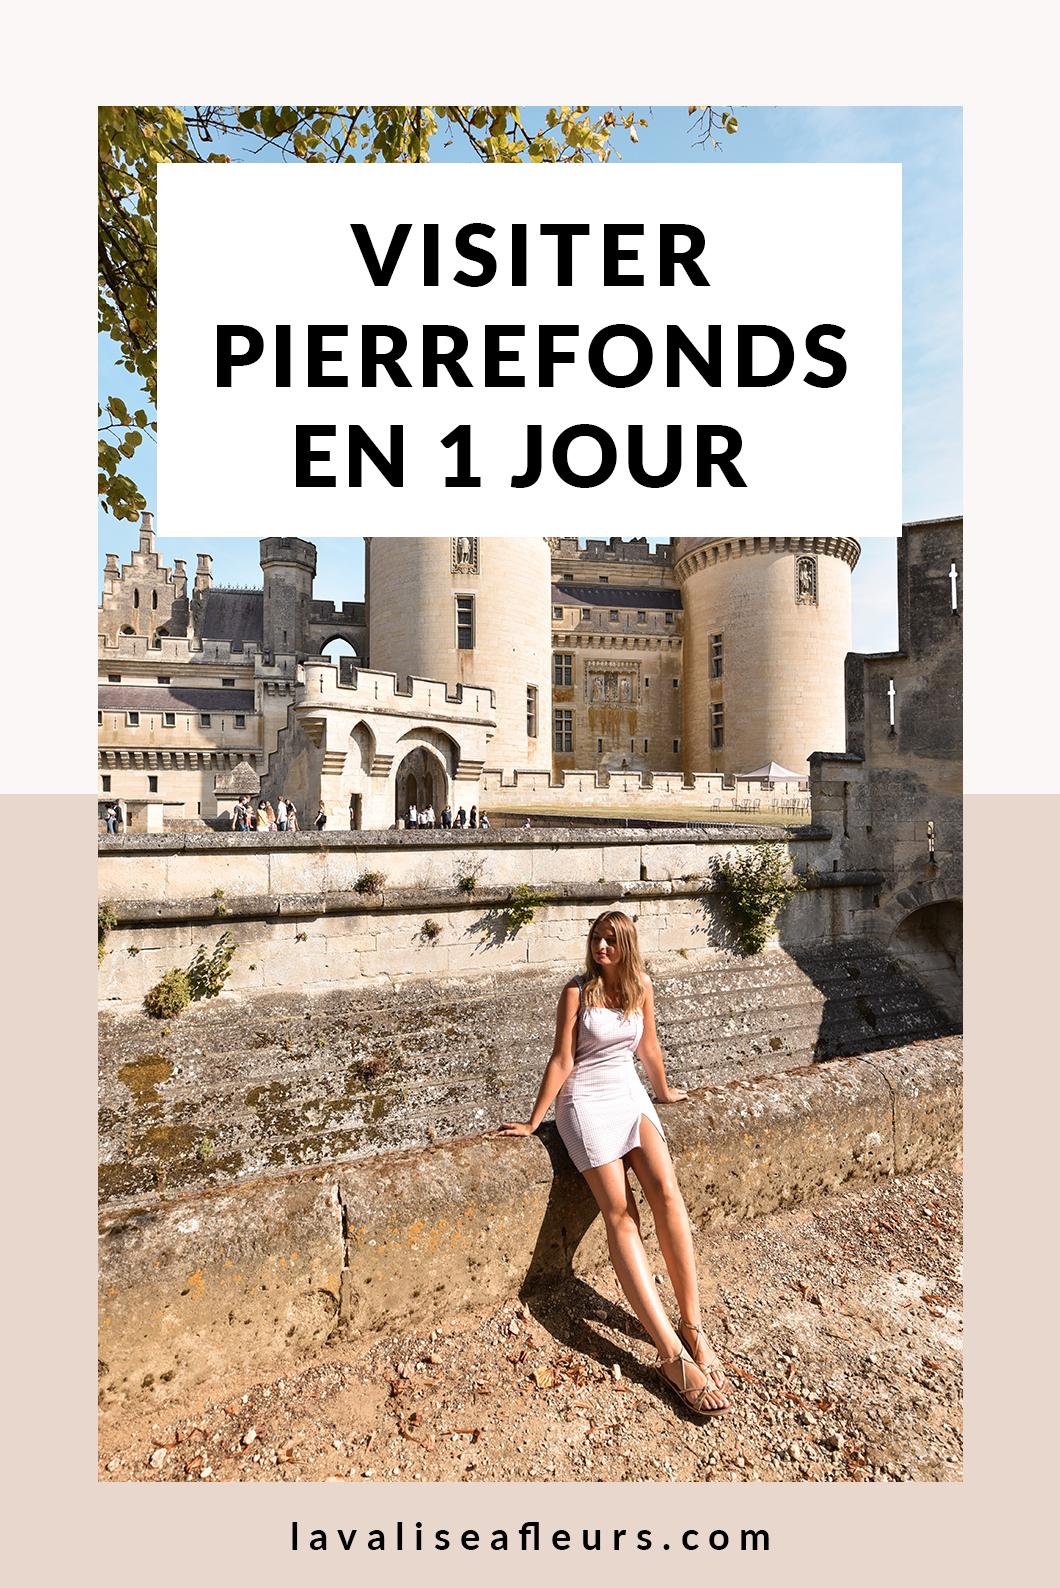 Que faire à Pierrefonds en 1 jour ?